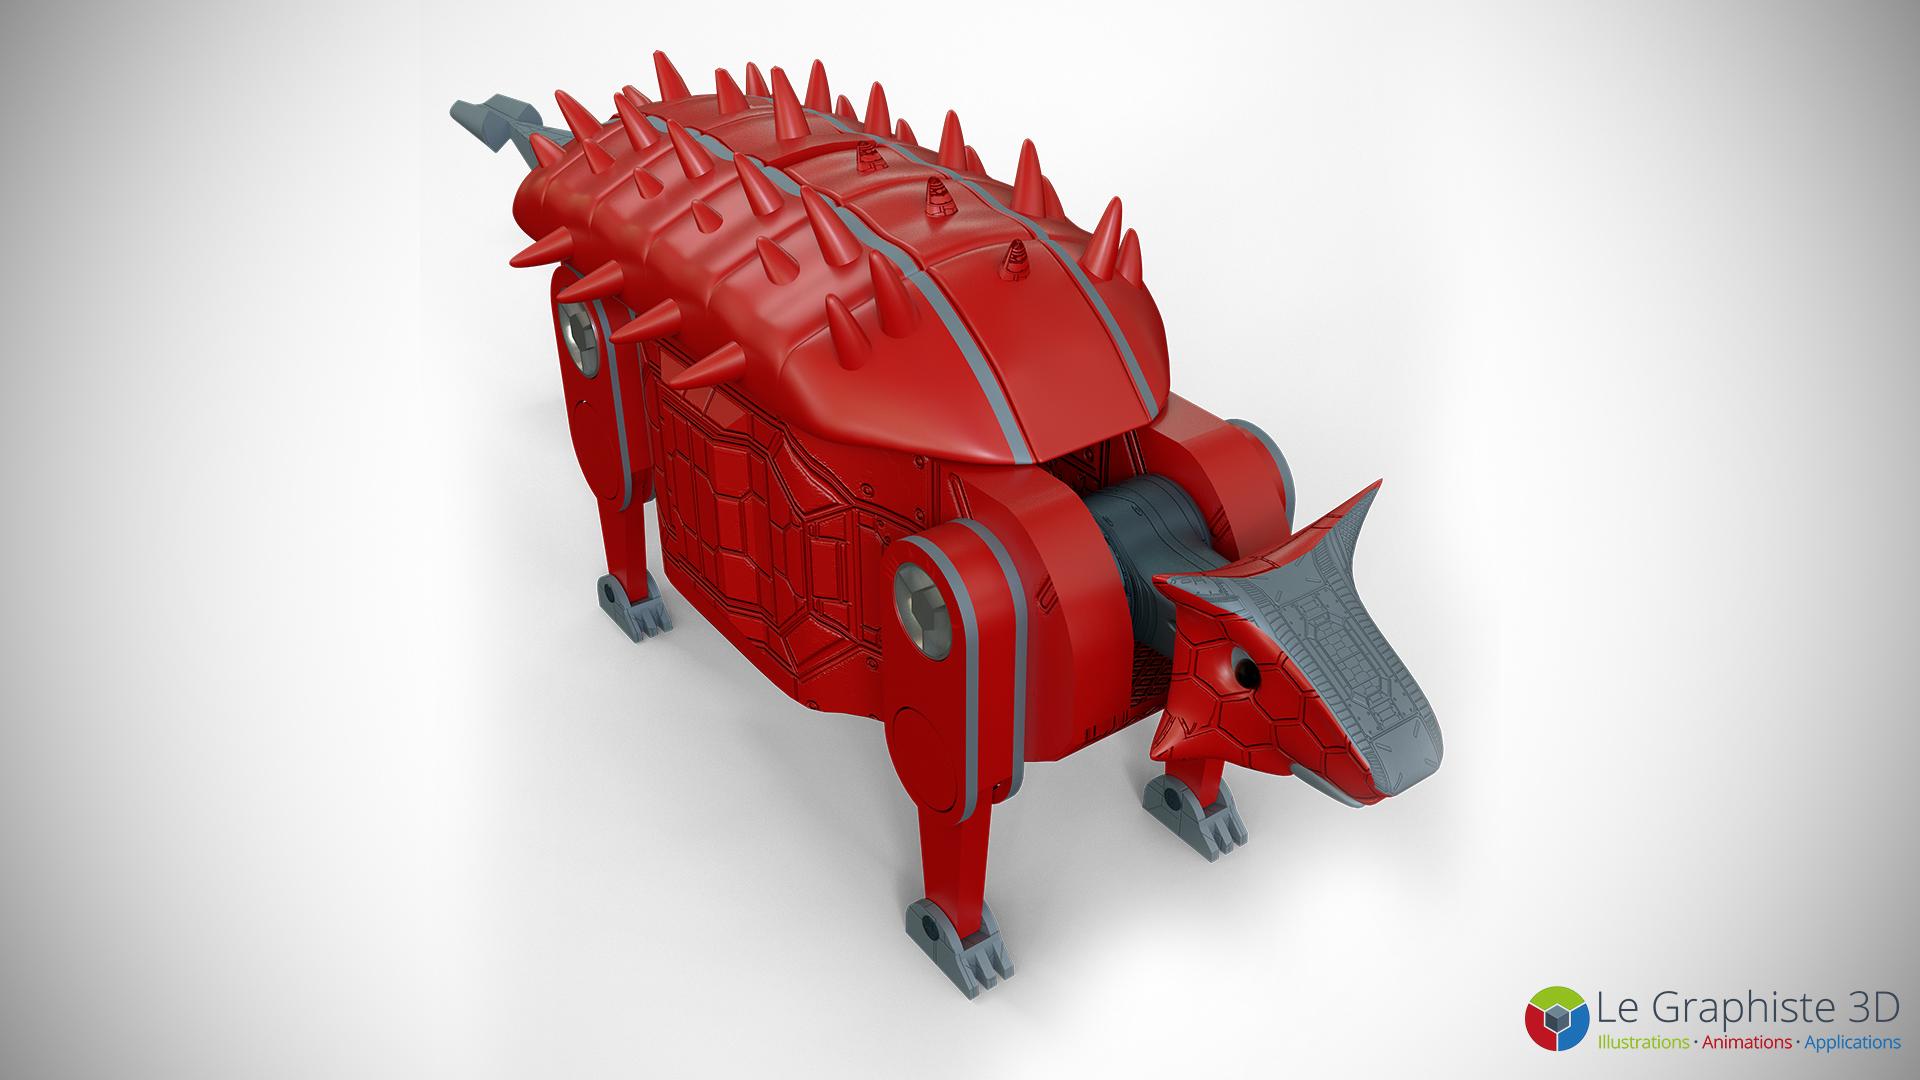 Le Graphiste 3D - Ankylosaure - Jambe droite du robot Mégasaure